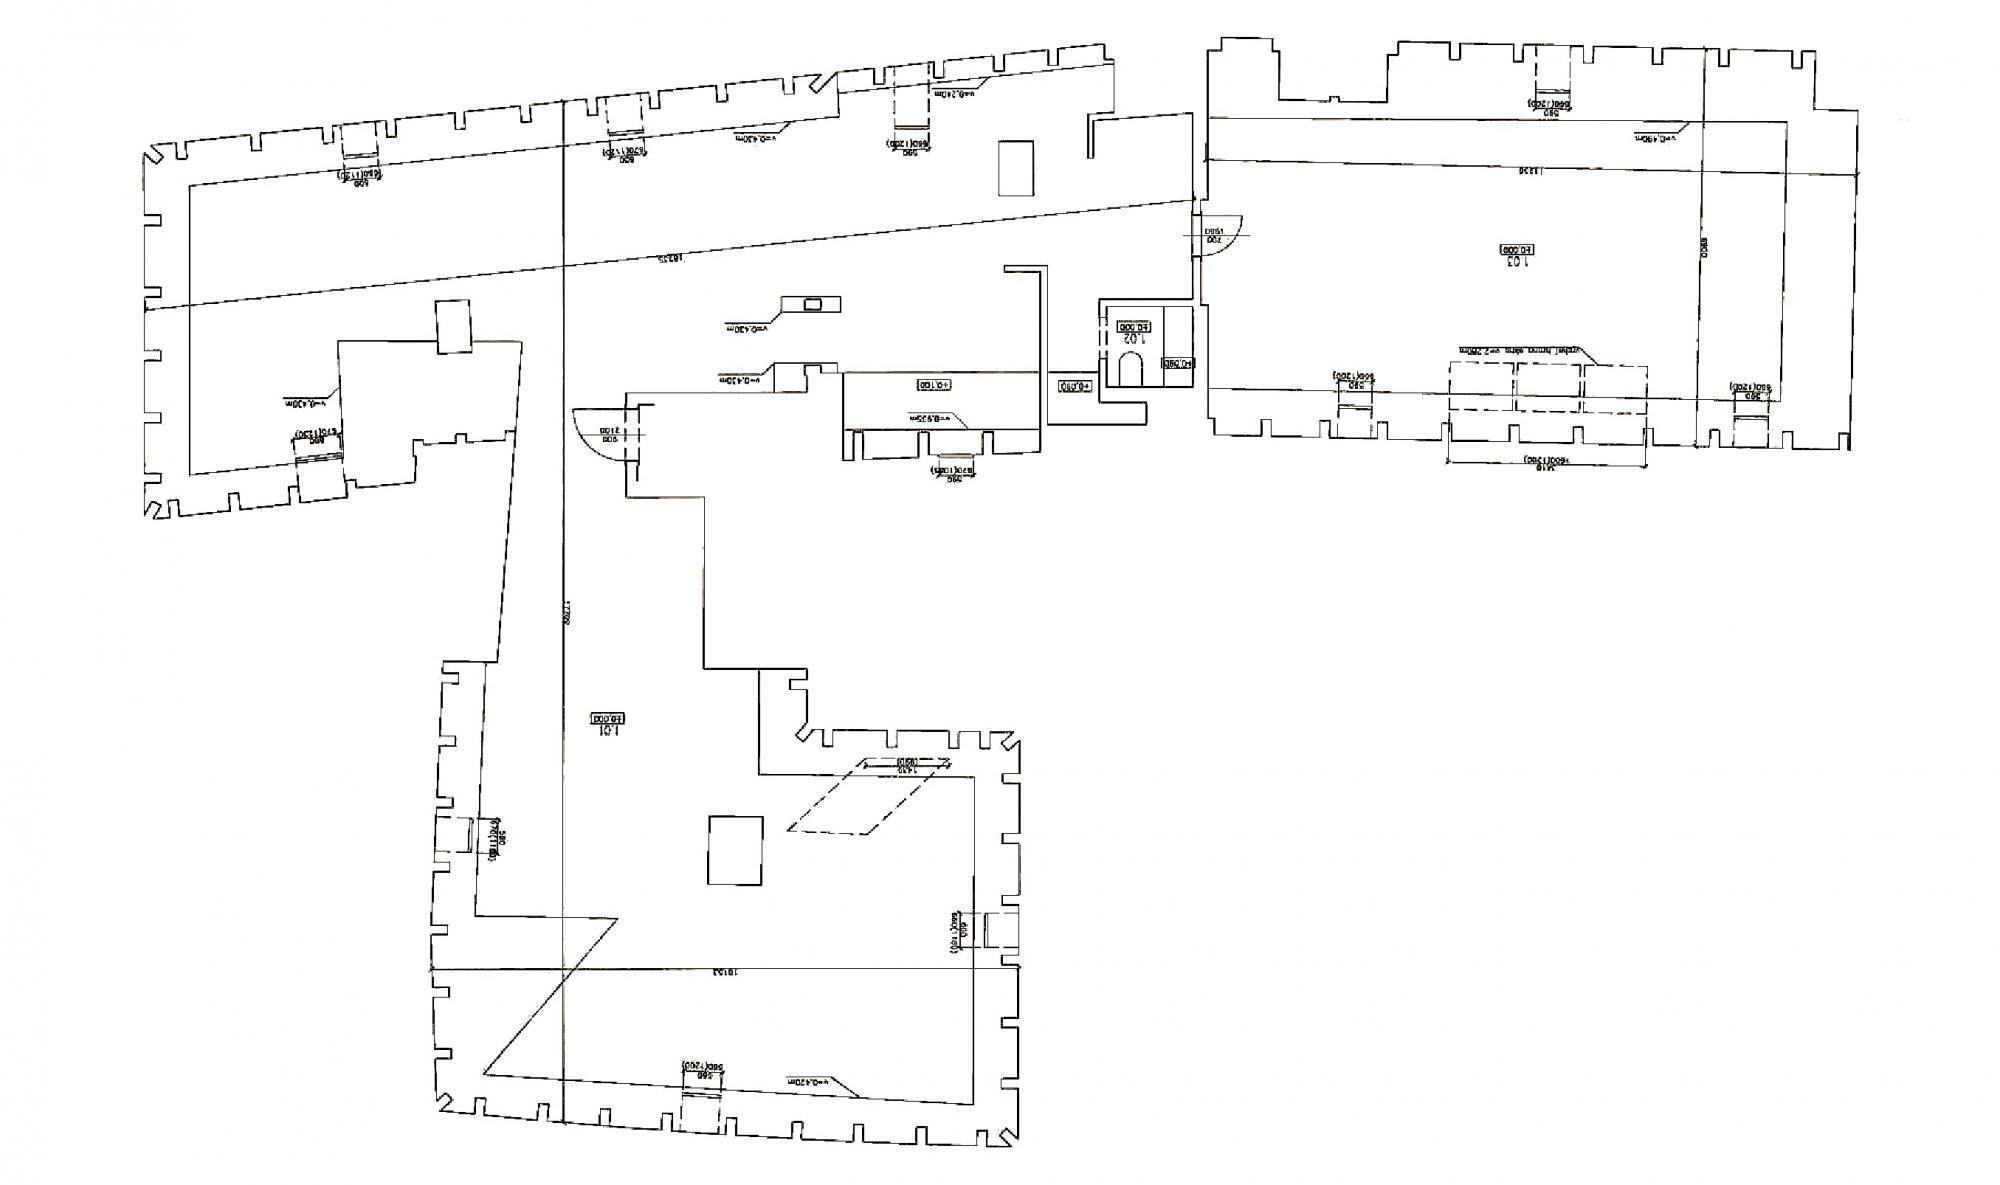 Půdorys - Půdní byt 4+kk, plocha 199 m², ulice V Jirchářích, Praha 1 - Nové Město